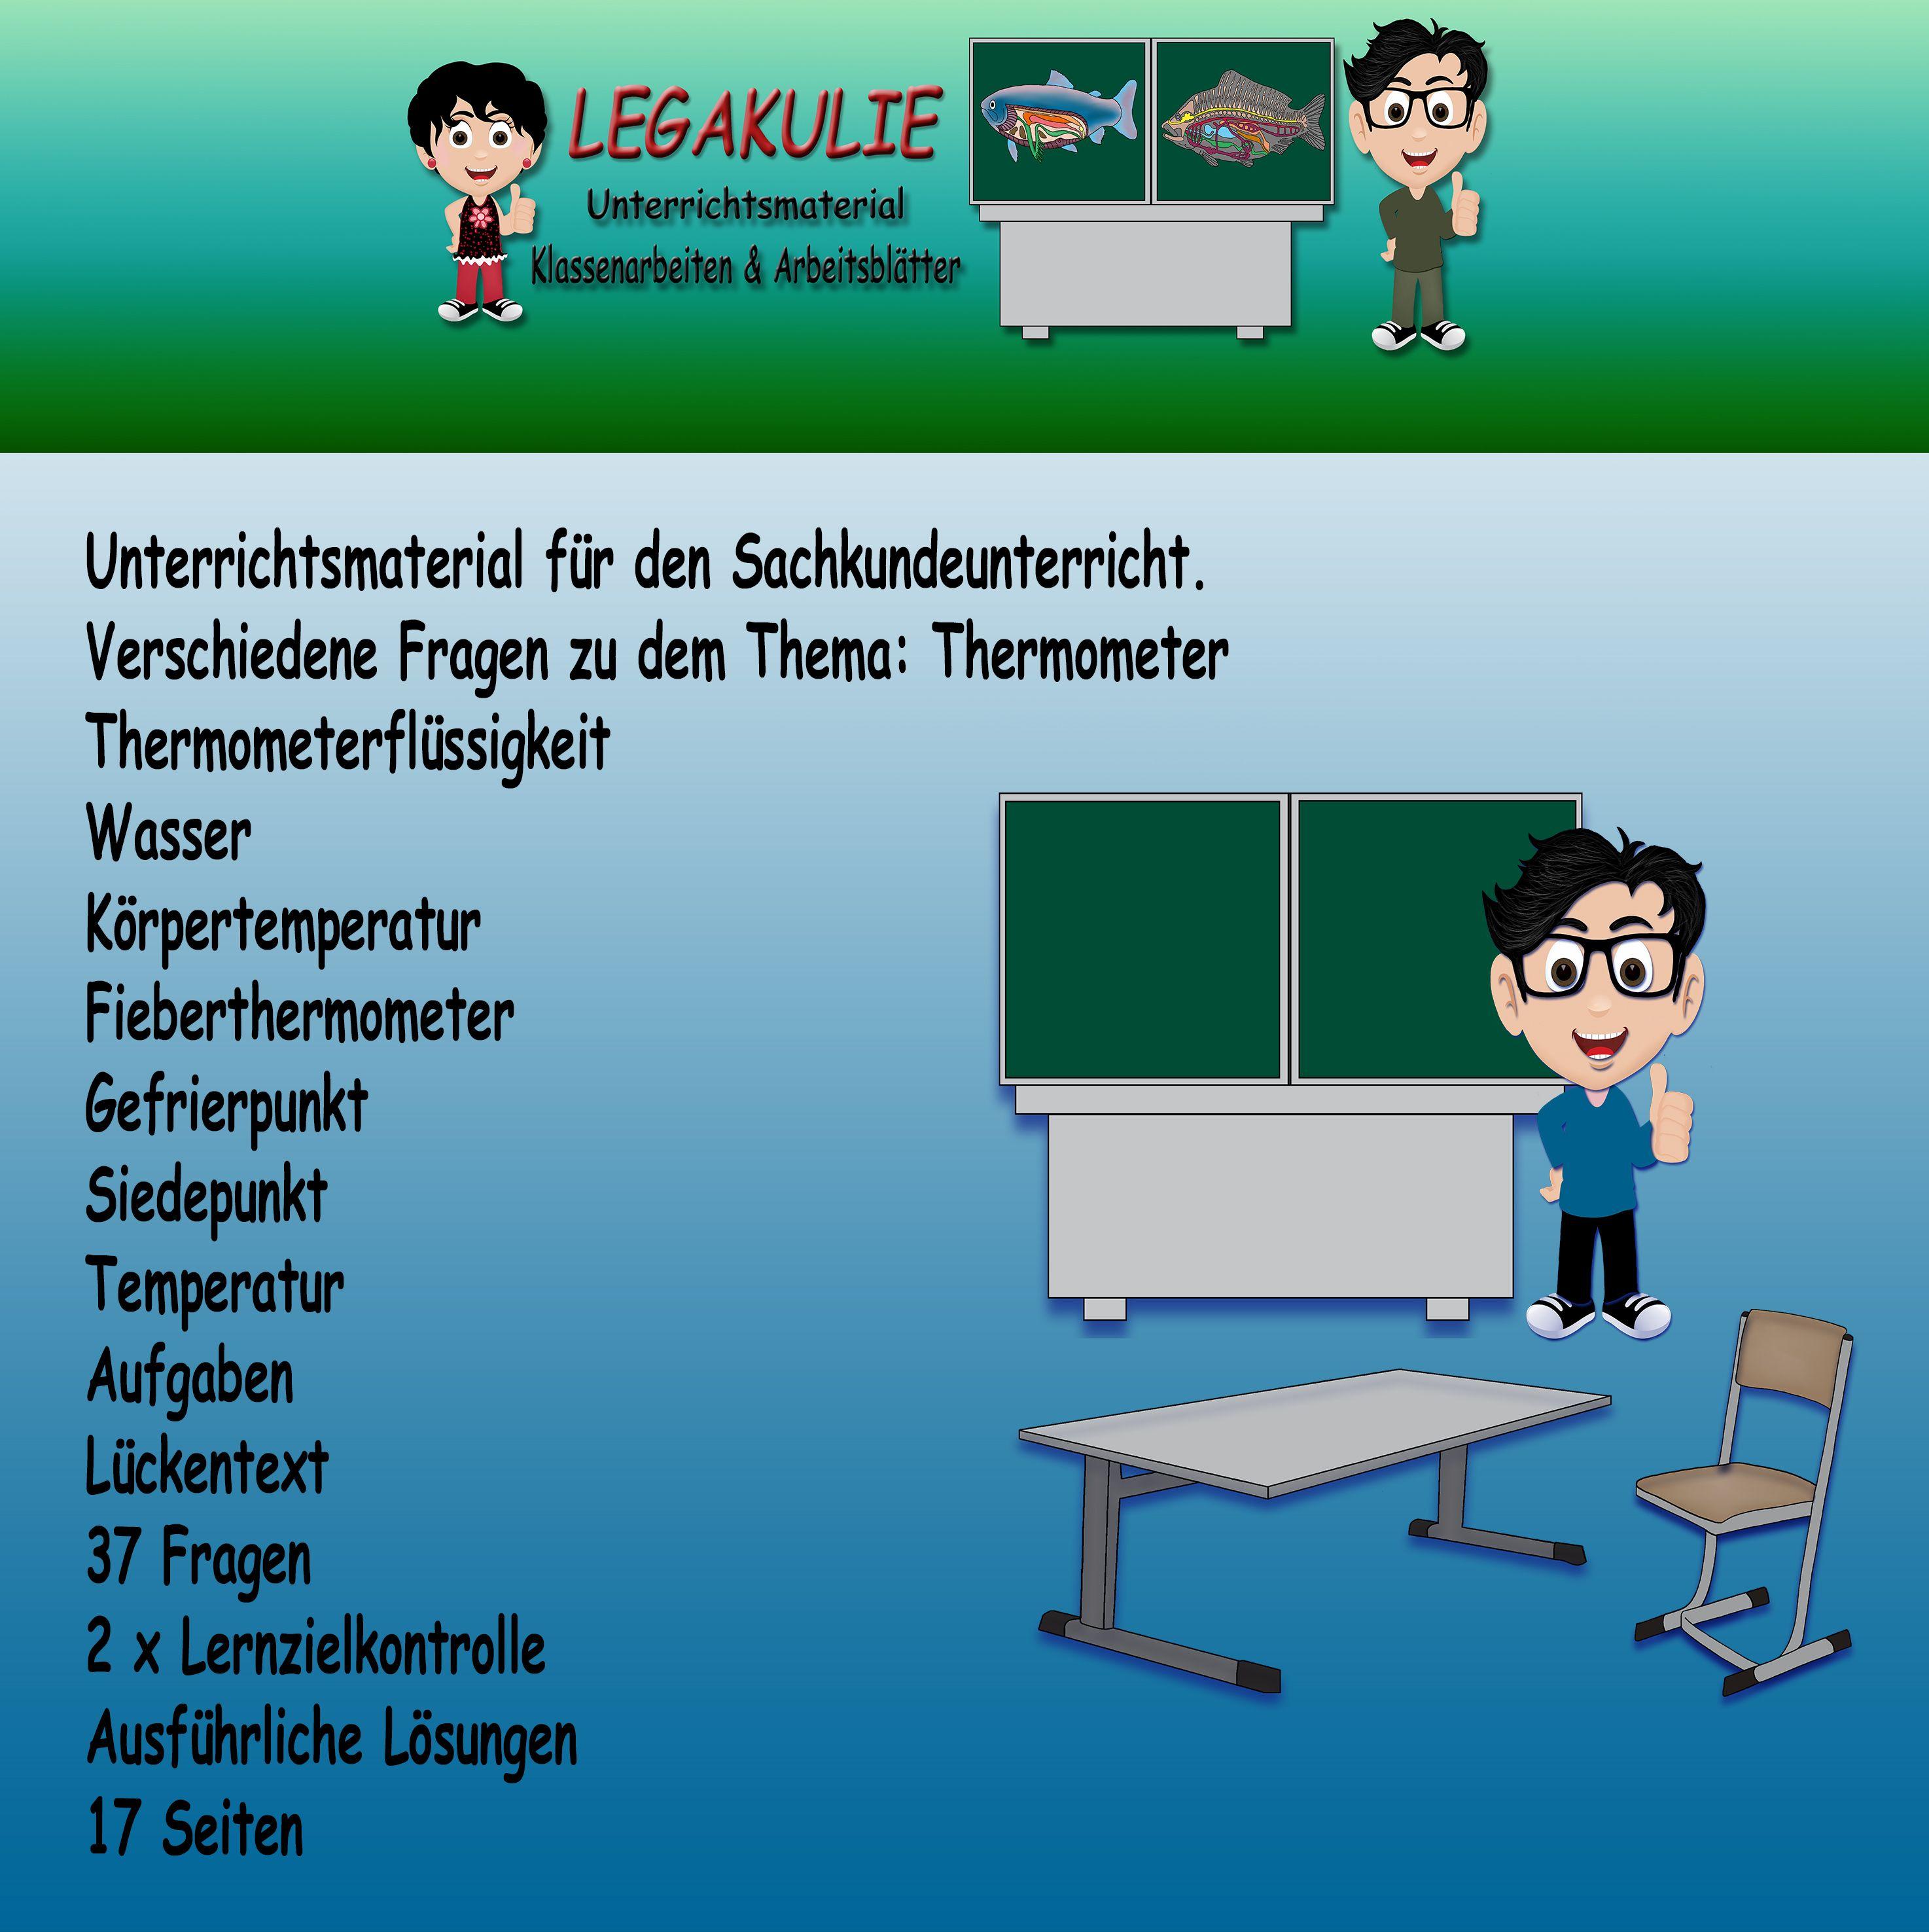 Charmant Wie Verbinde Ich Einen Schnitt Romex Drähte Fotos - Der ...